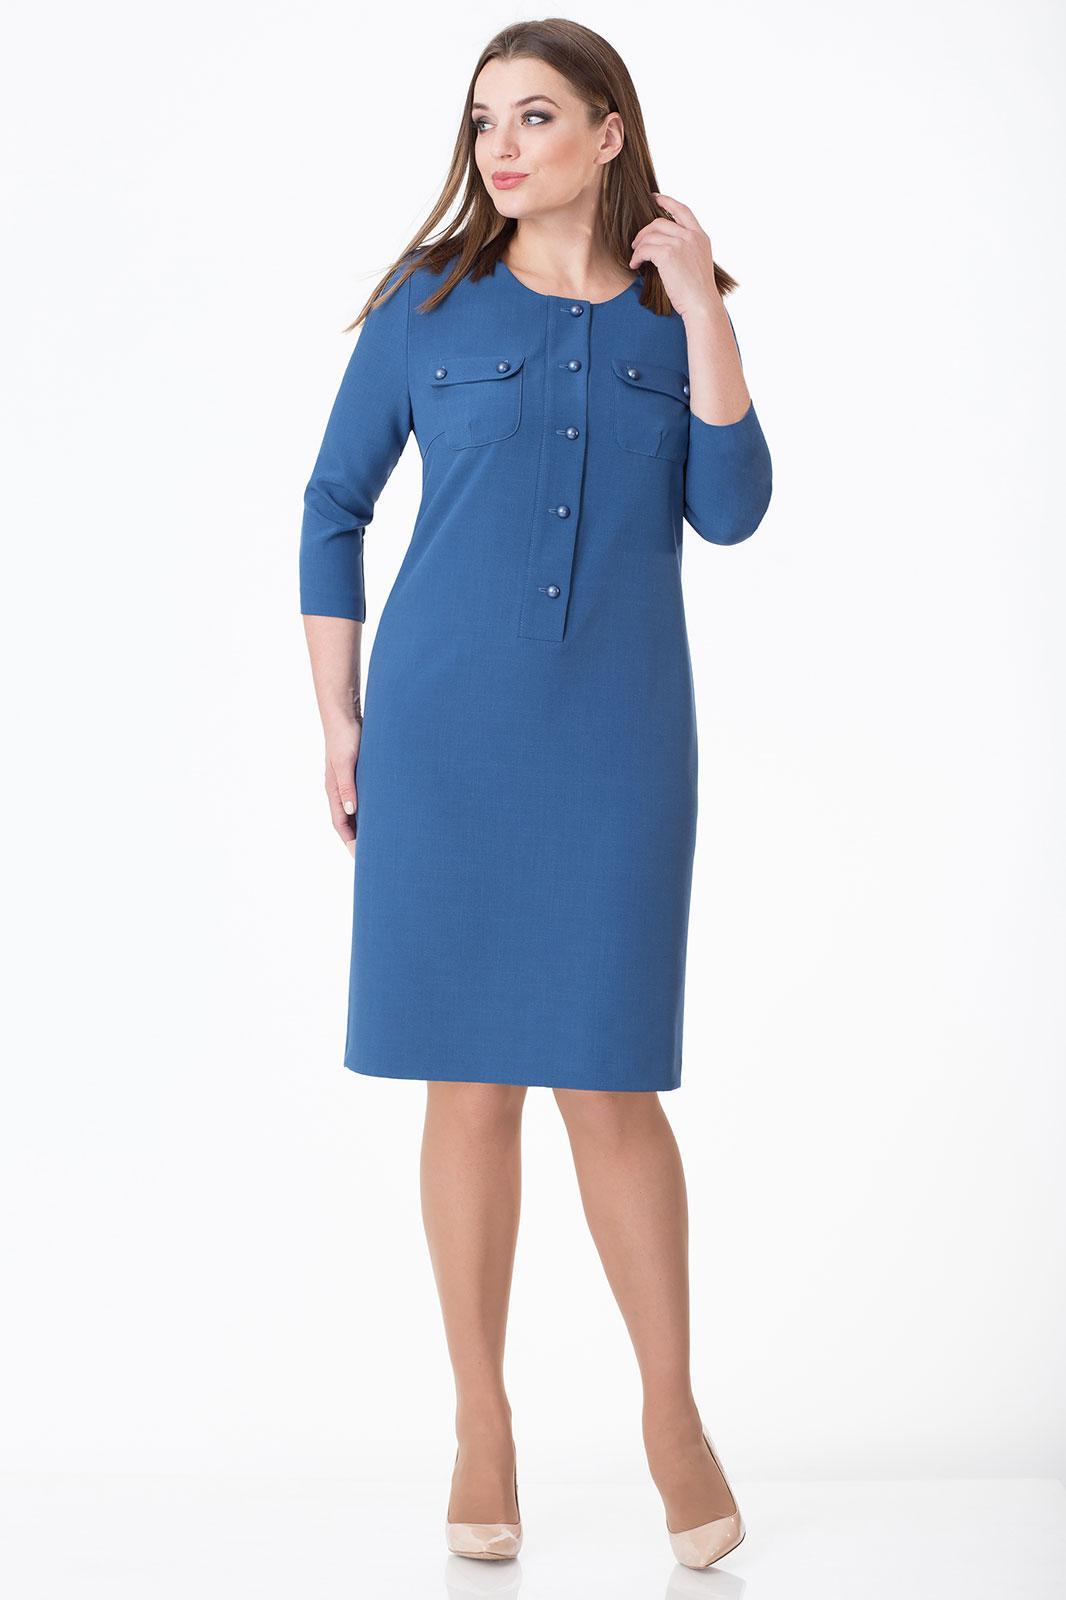 Купить Платье Линия-Л, 1678 оттенки синего, Беларусь